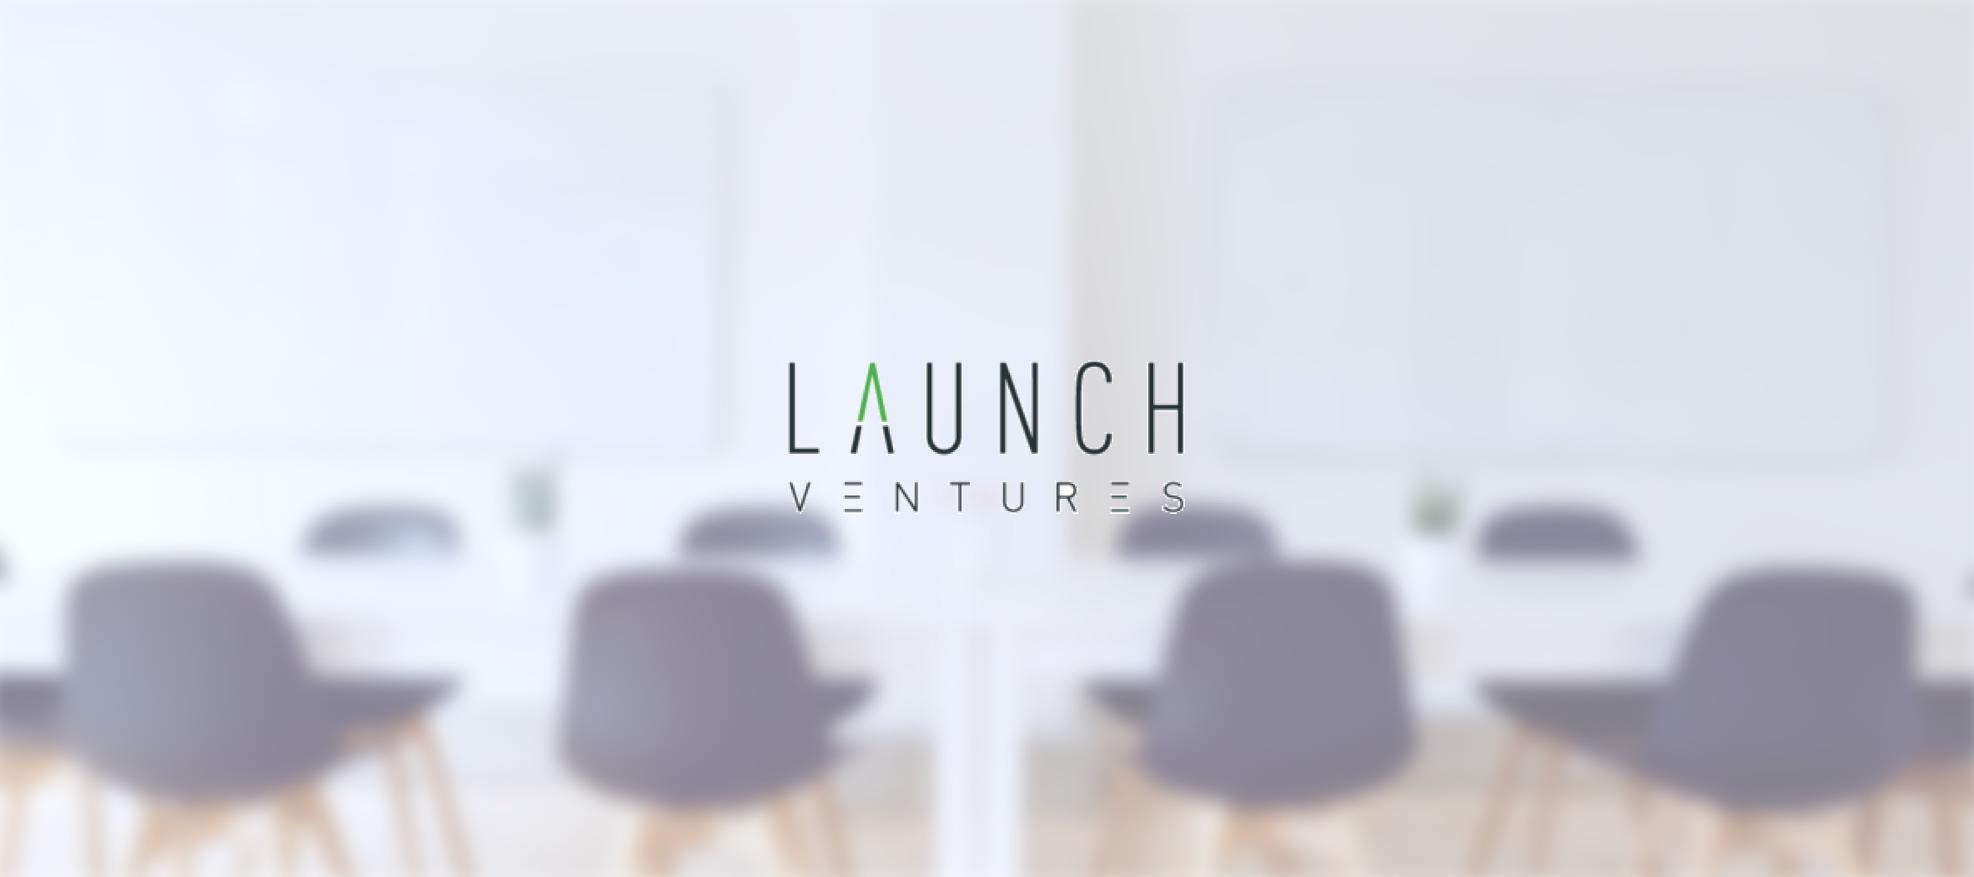 Launch Ventures